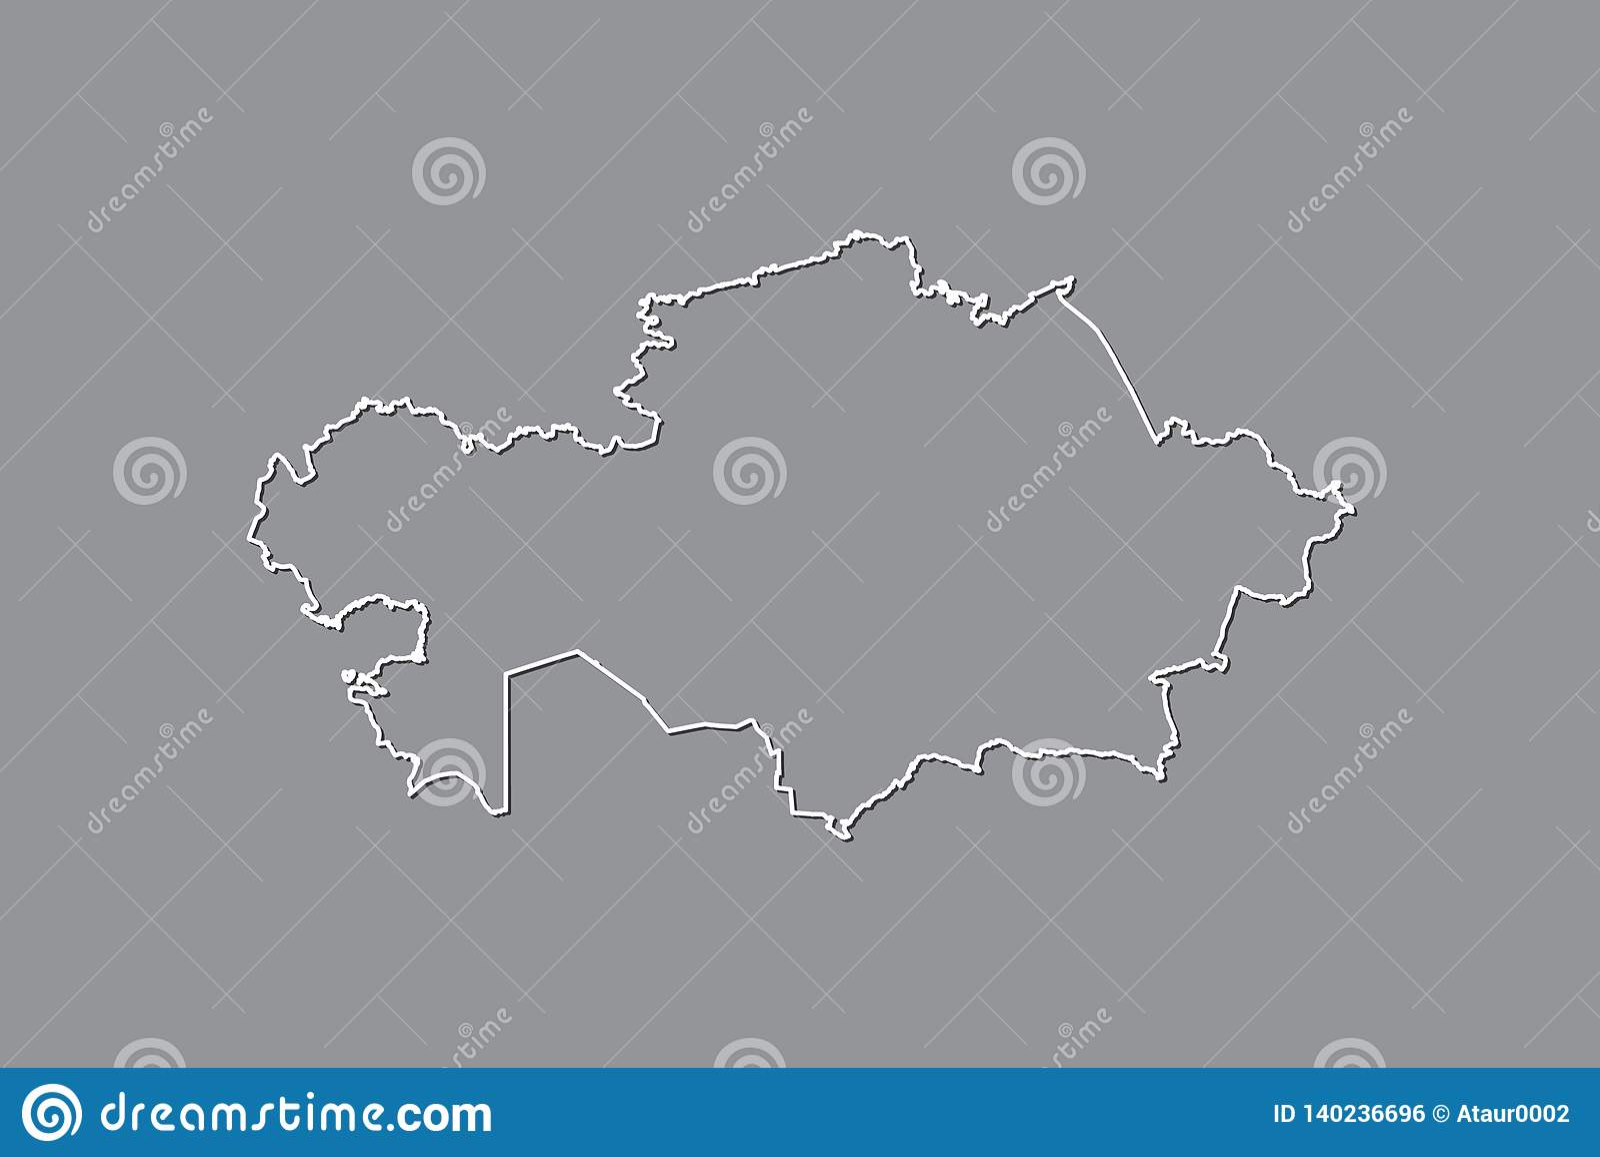 Kasachstan-Vektorkarte mit einzelner Grenze Grenze unter Verwendung der weißen Farbe auf dunkler Hintergrundillustration